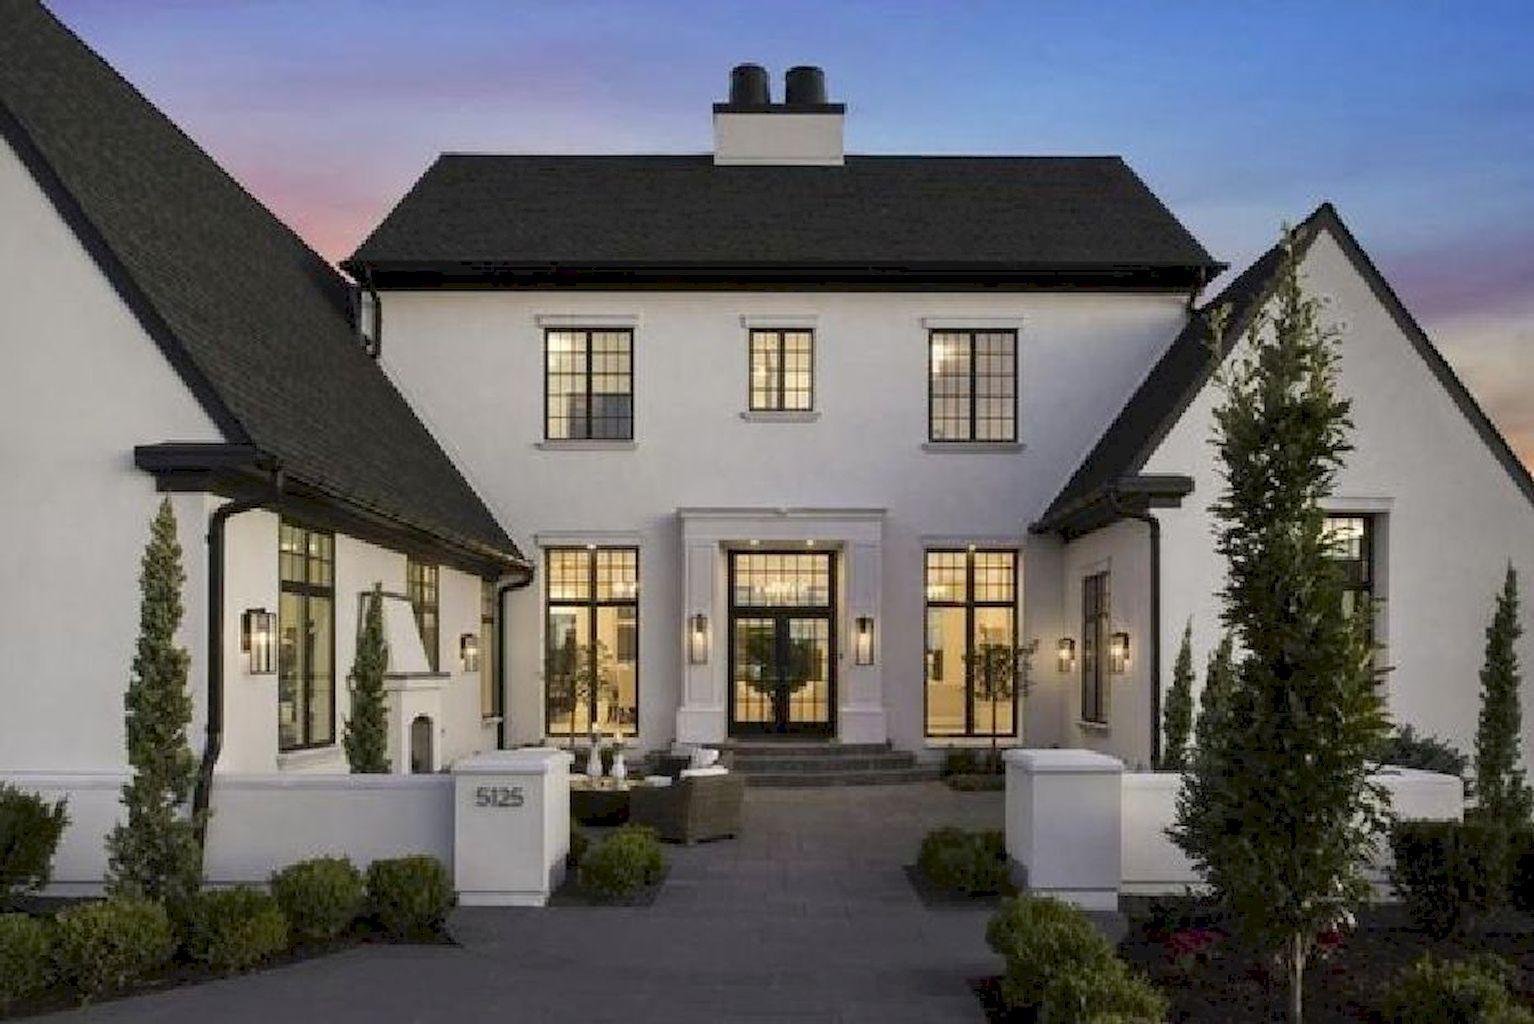 Superior 90 Incredible Modern Farmhouse Exterior Design Ideas (48